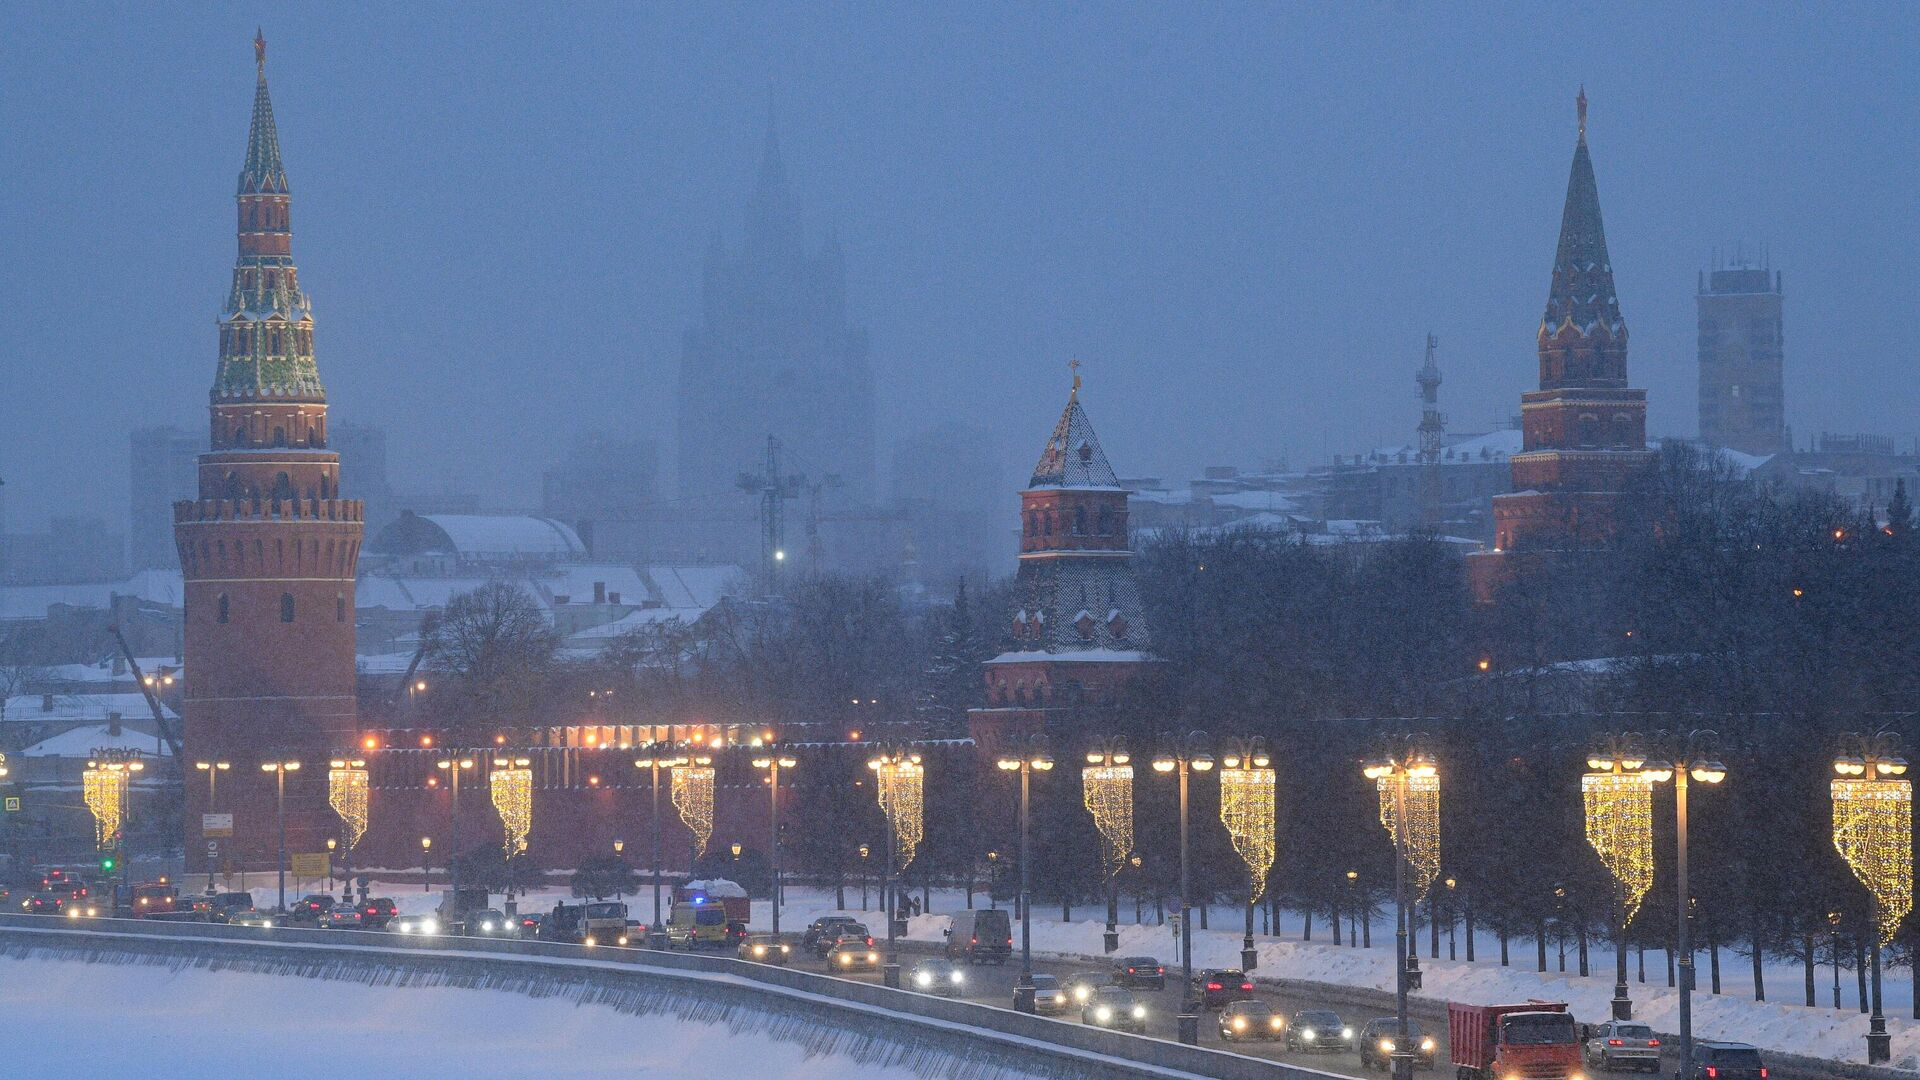 Снегопад в Москве - РИА Новости, 1920, 23.02.2021